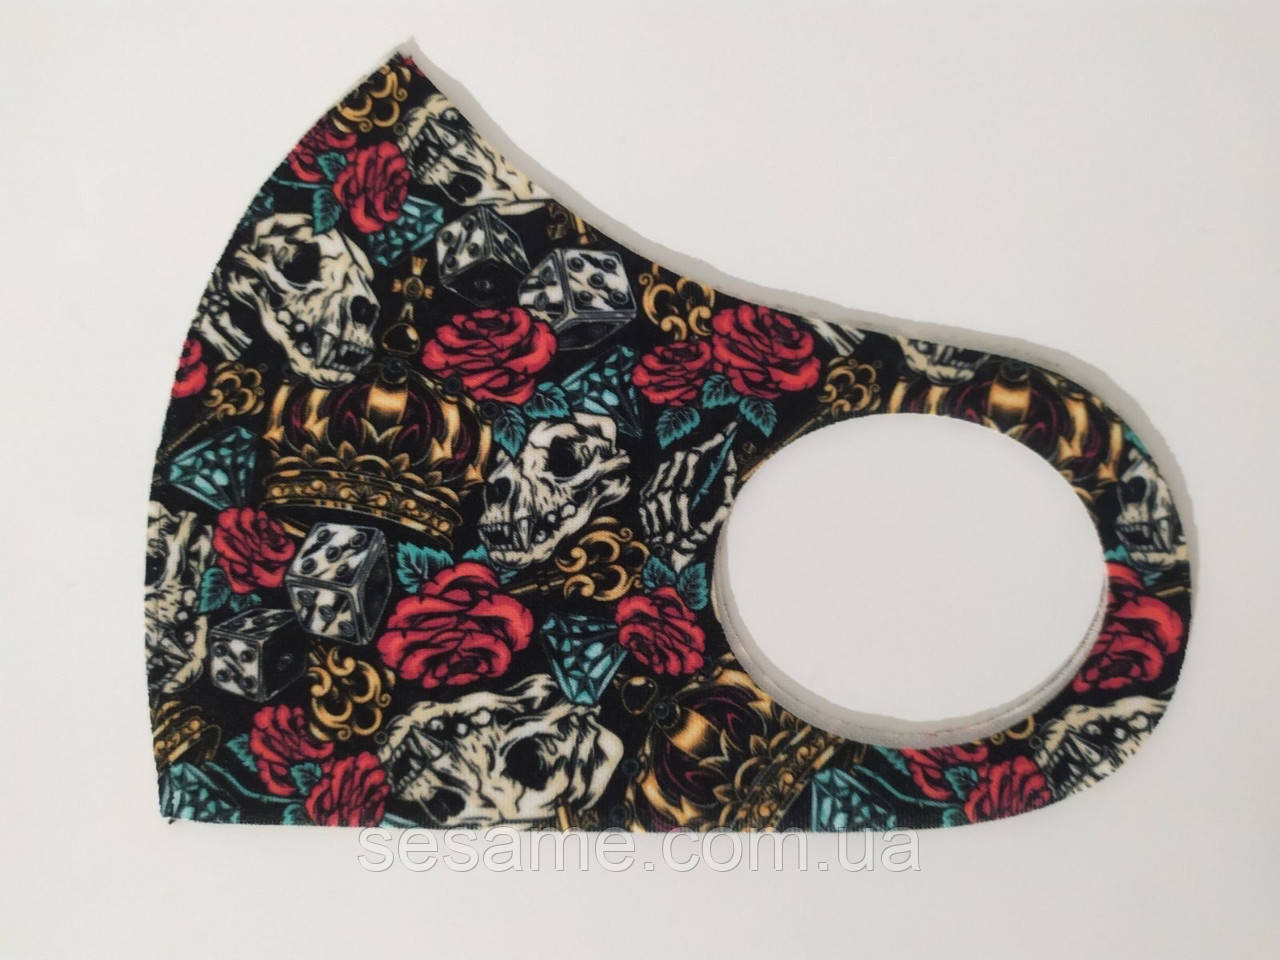 Защитная Маска Питта принт Instagram  многоразовая маска